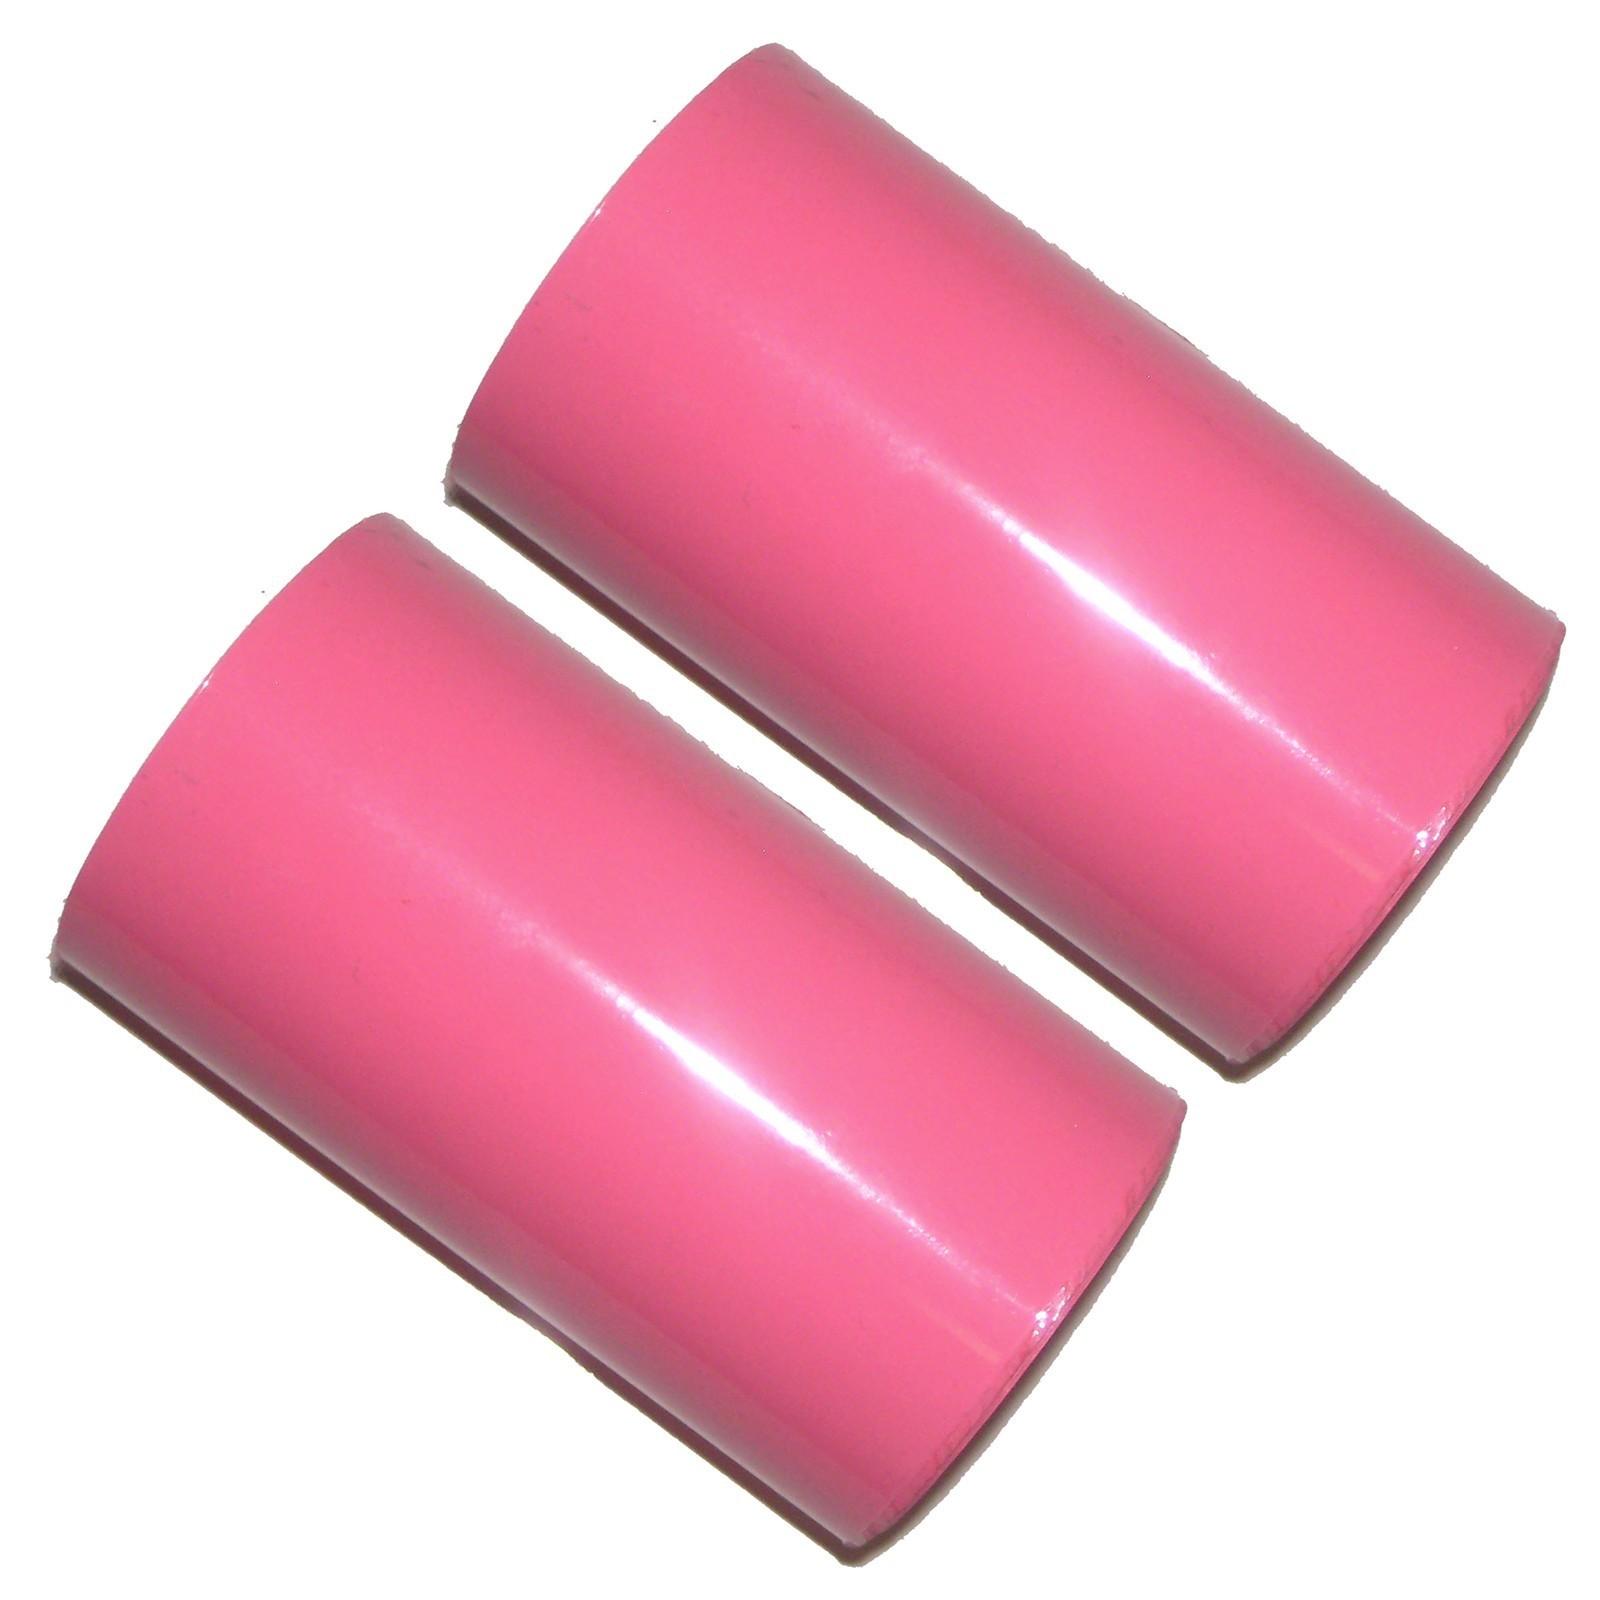 Hot Foil Stamp Rolls Pink